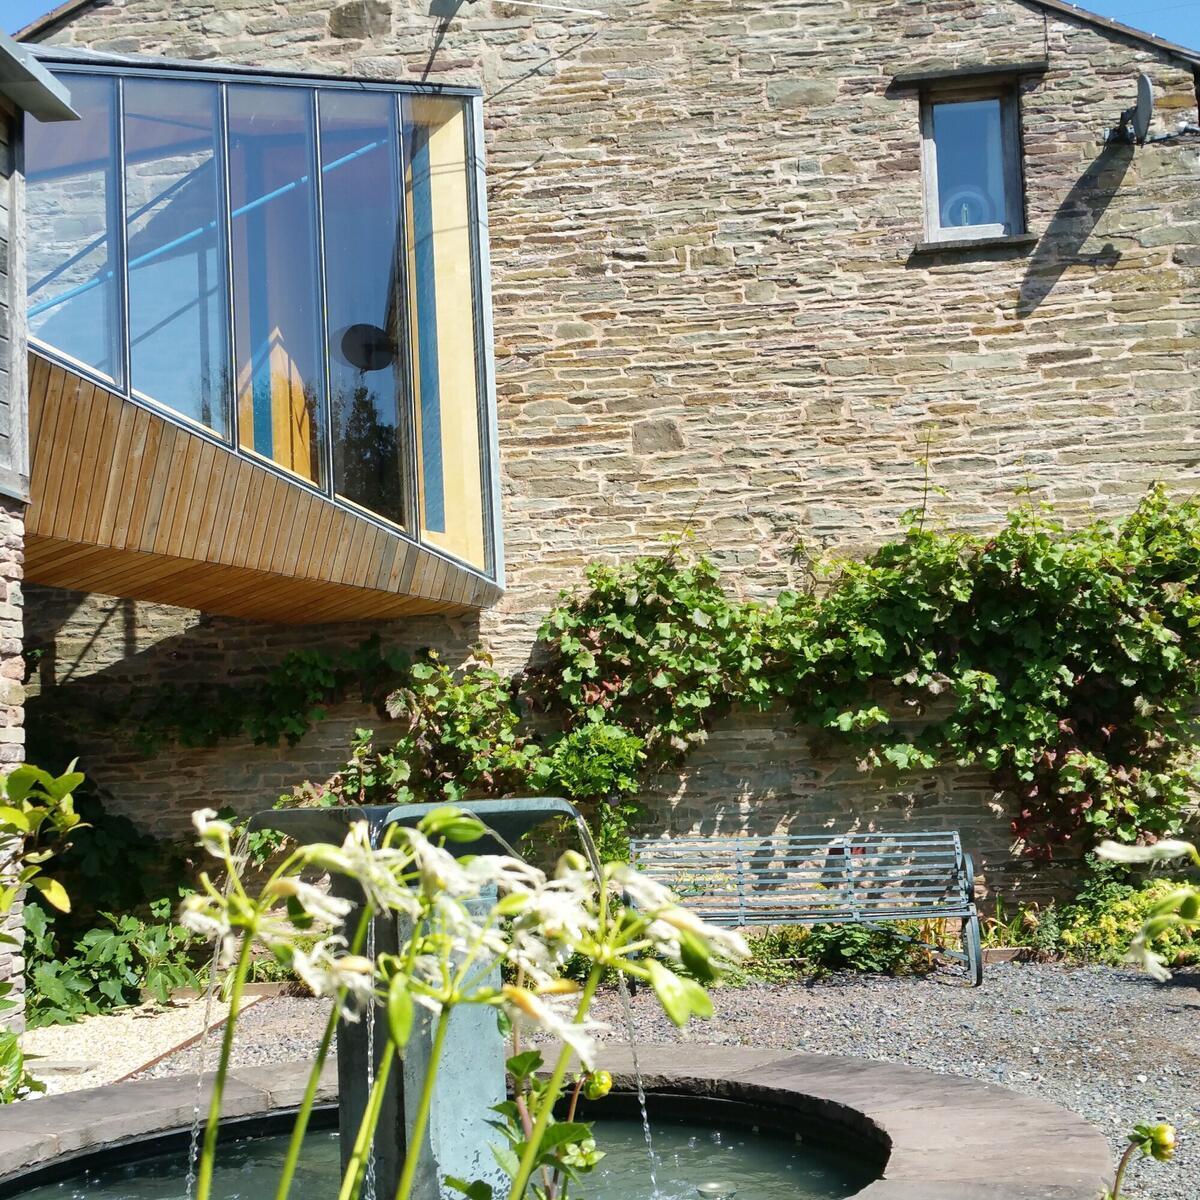 RIBA awarded bridge linking farmhouse and studio